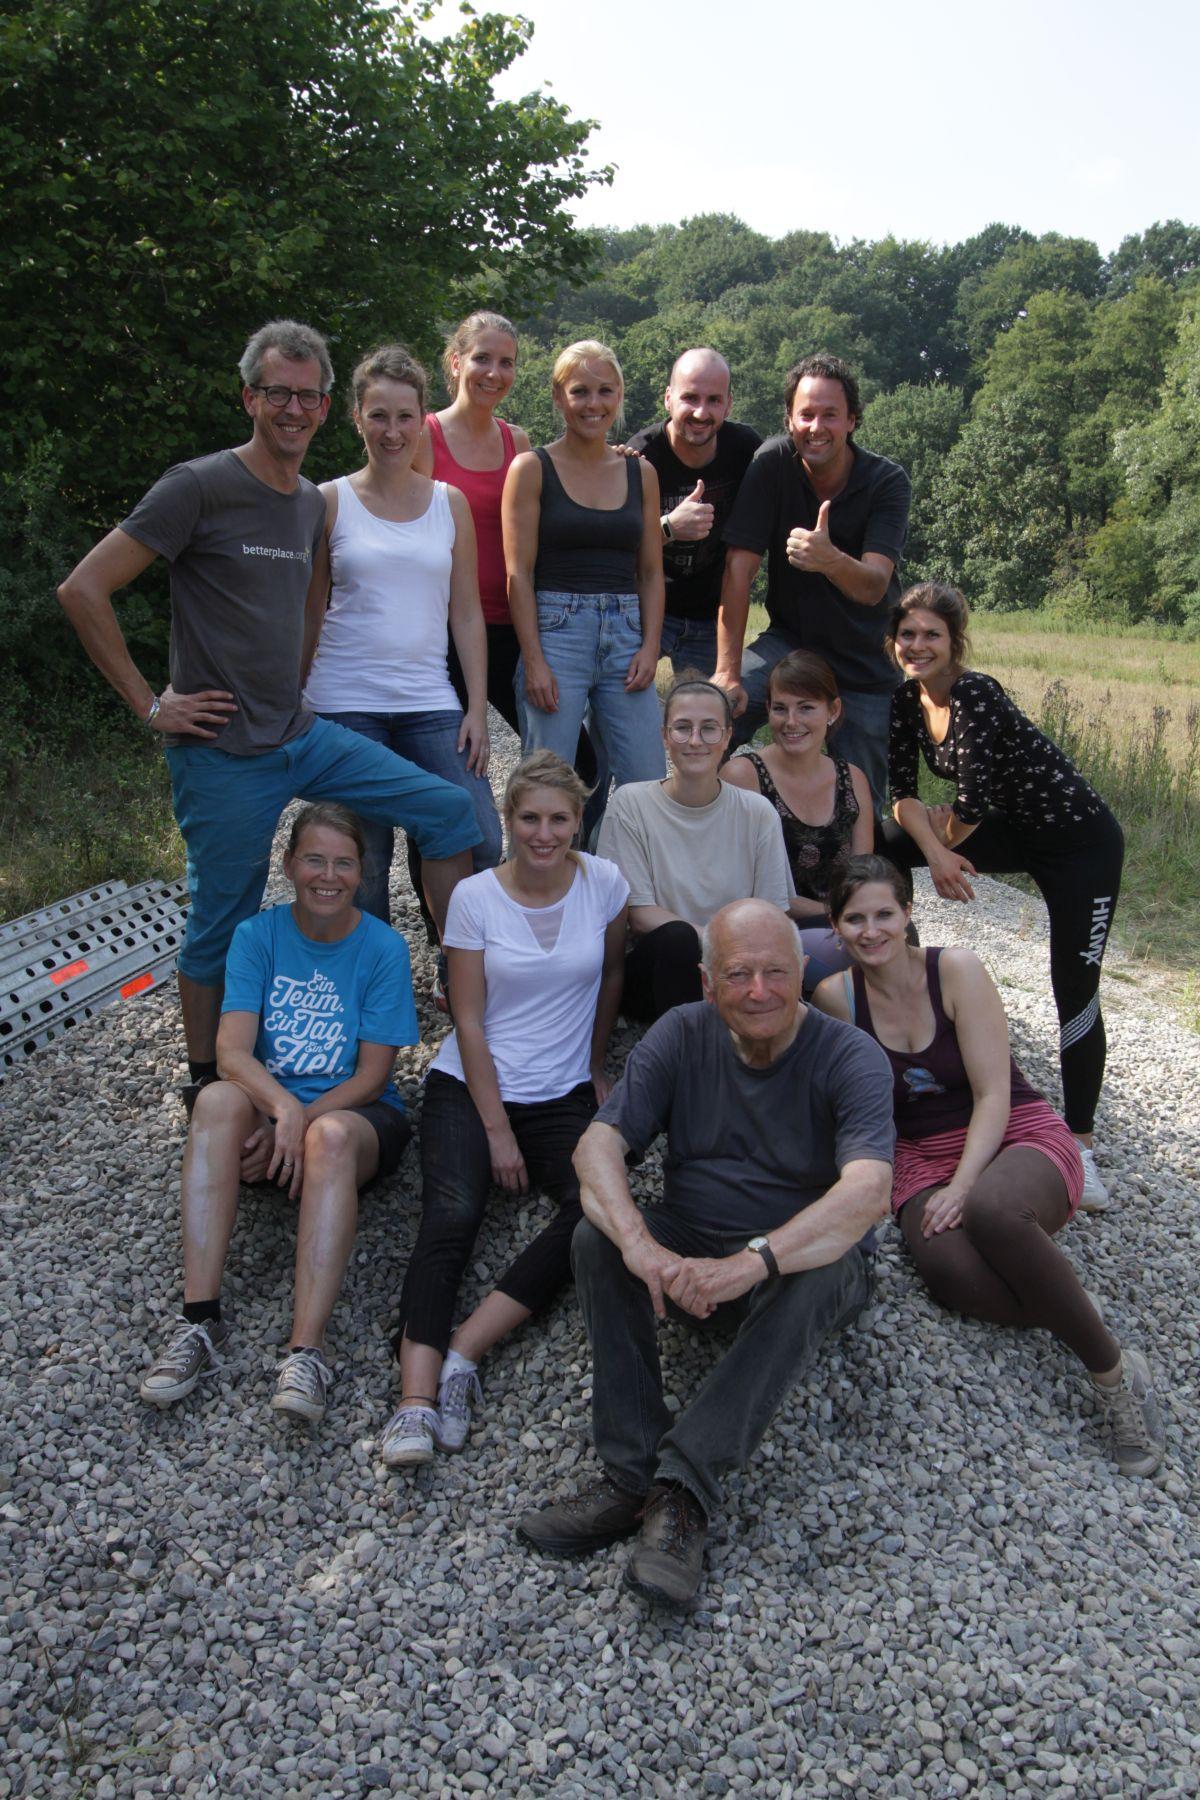 Das Team von Klimainvest hat ordentlich reingehauen. Gruppenbild auf Kieshaufen bevor es zum Italiener ging (Foto: A. Lampe).